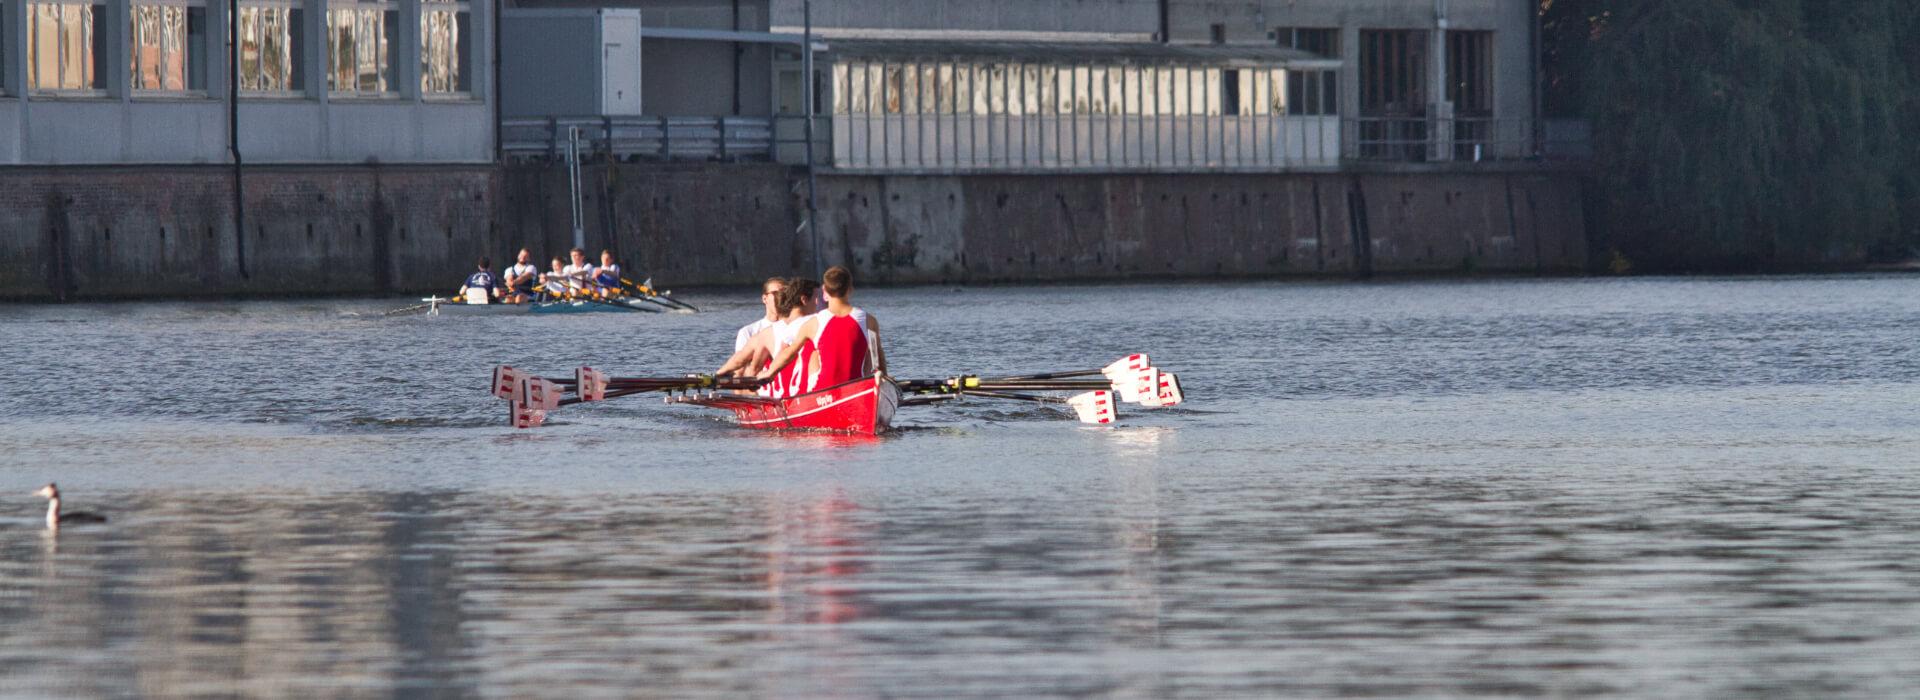 2-Ruderboote-nebeneinander-auf-der-Bille-Matjesregatta